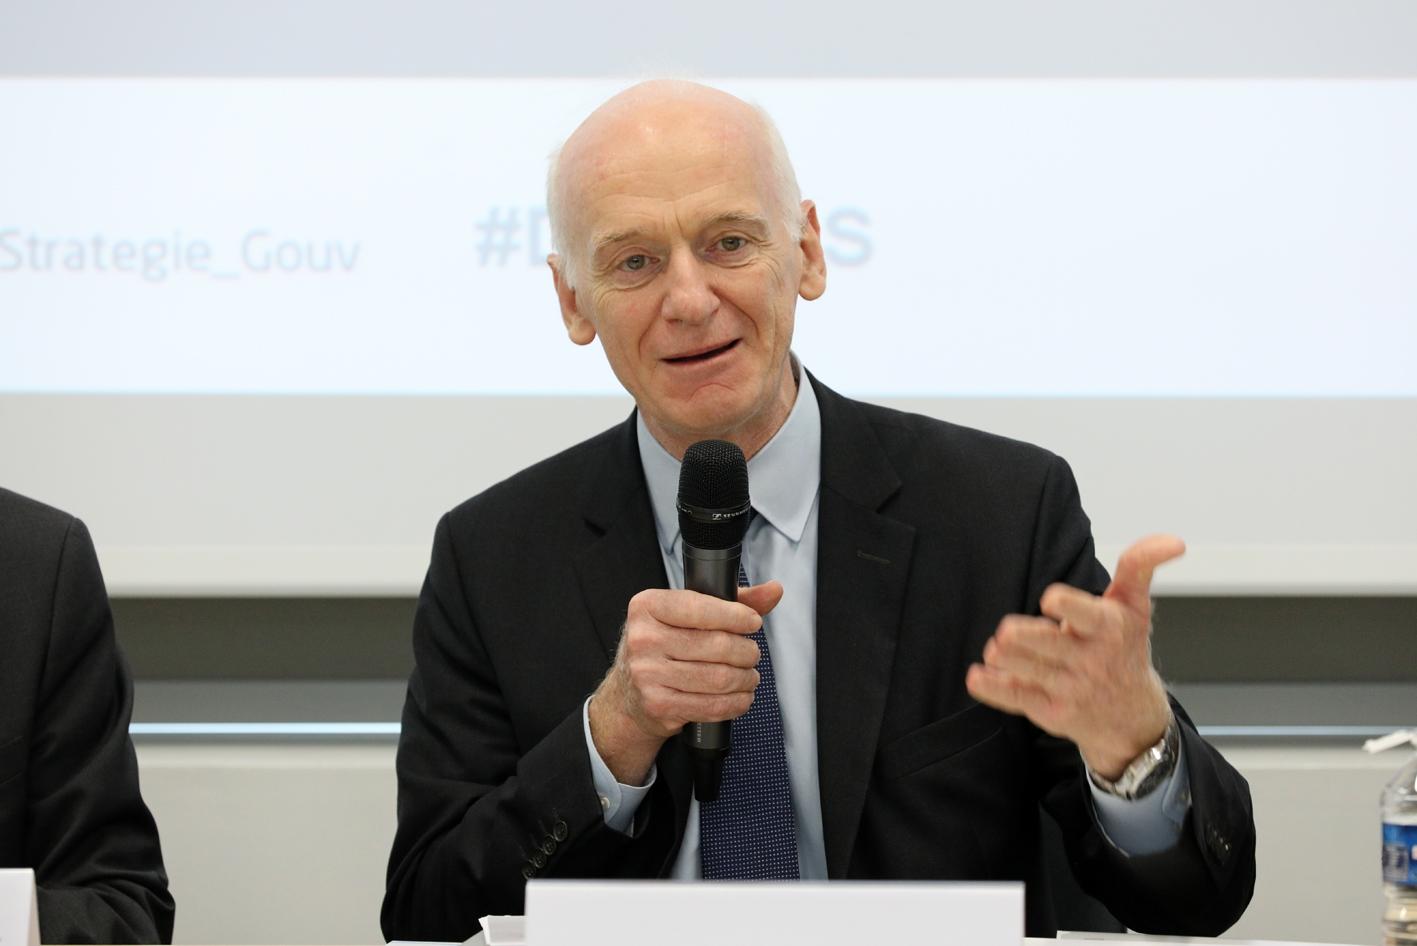 Quelle souveraineté économique européenne ?